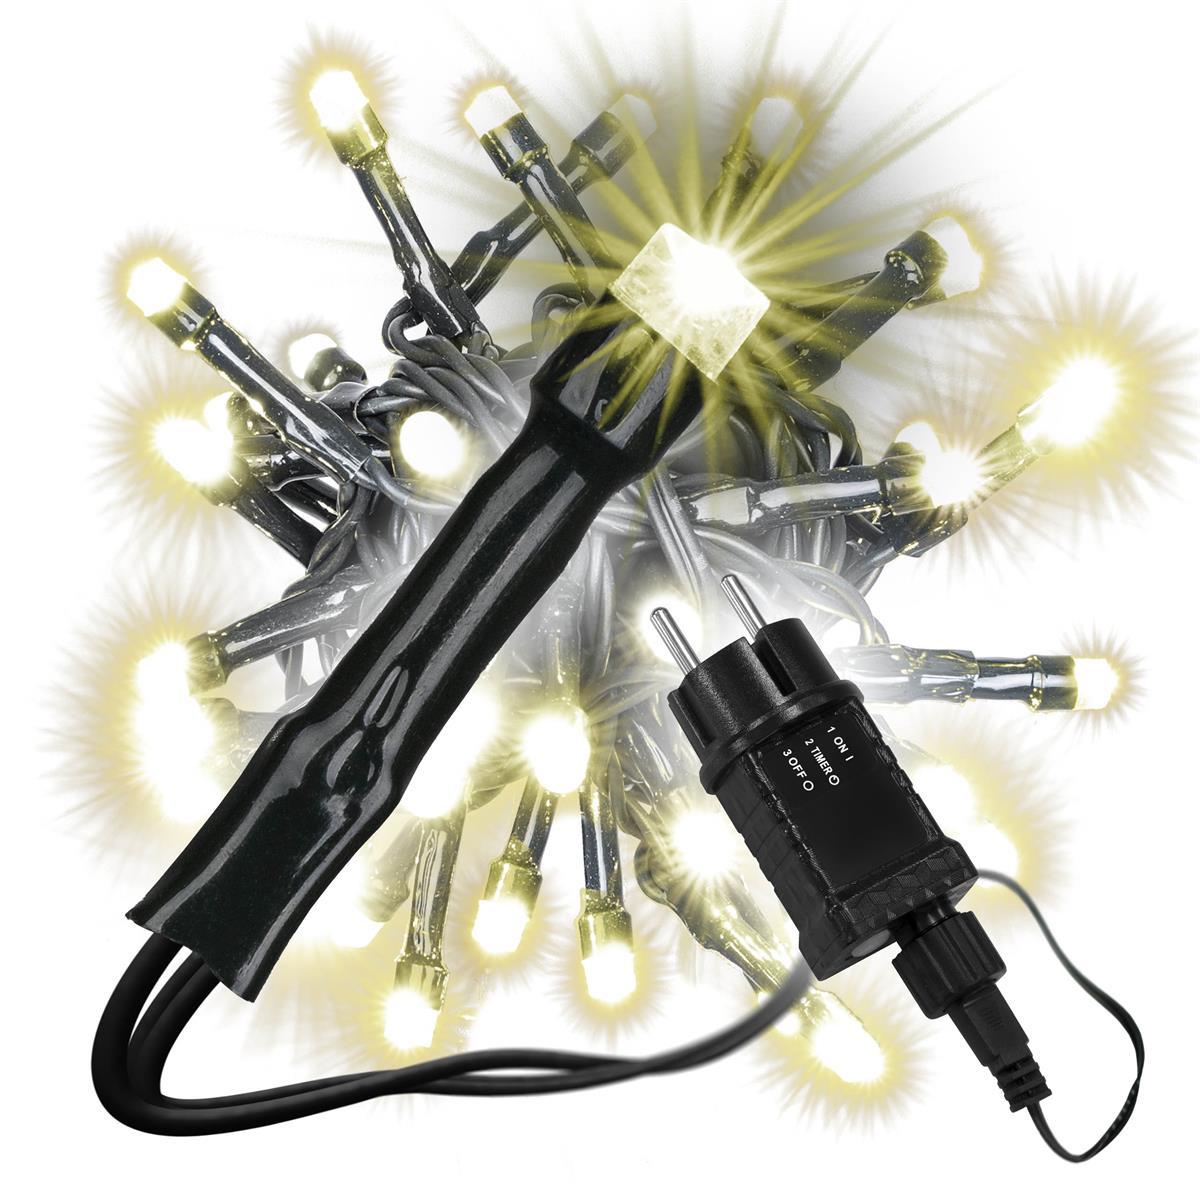 diLED 40 LED Lichterkette Starterset warmweiß erweiterbar System Trafo Timer